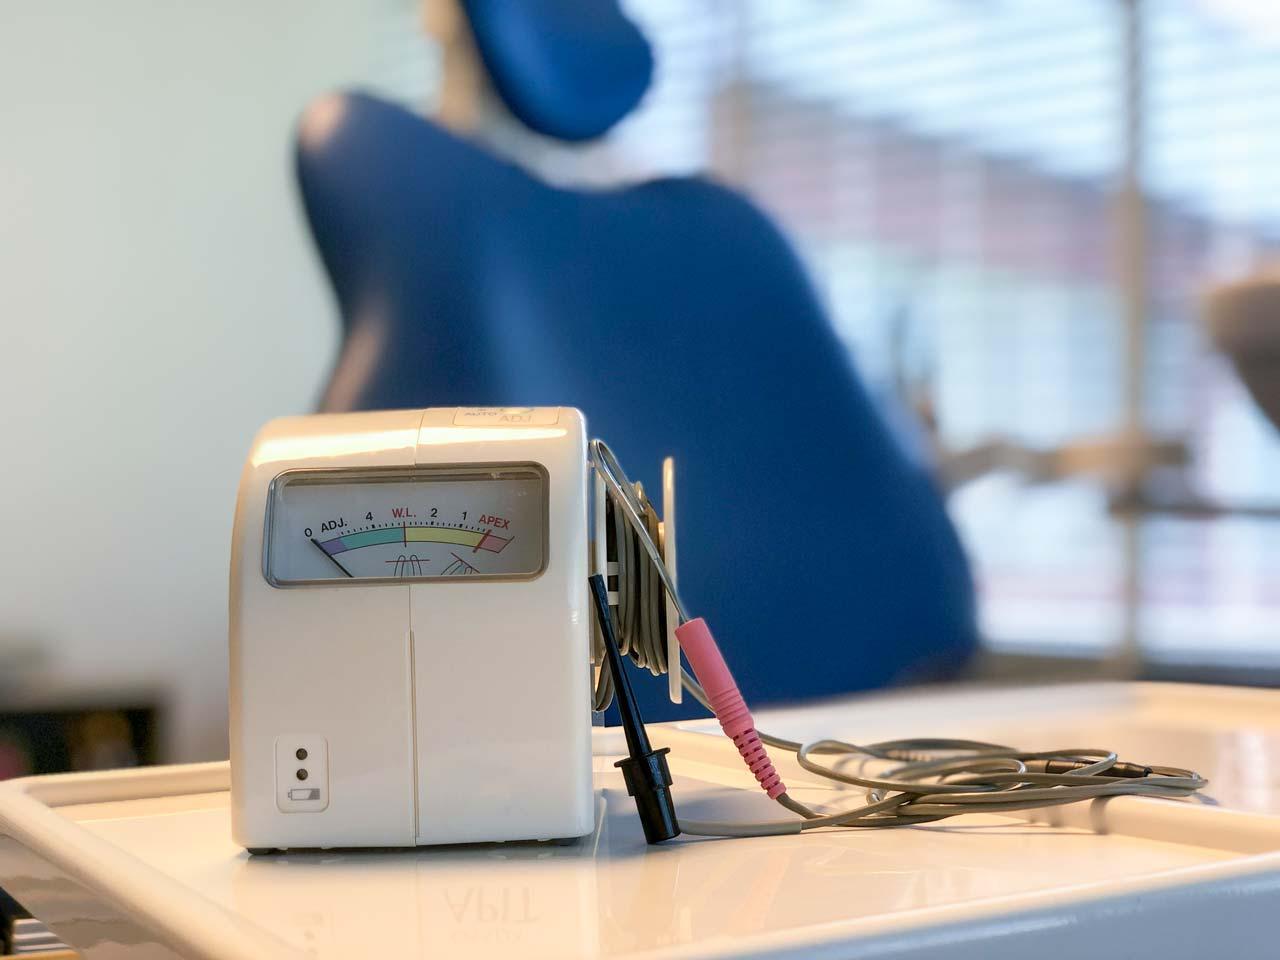 rilevatore-dapice-evs - Studi Mezzena Centro di Riabilitazione Odontoiatrica a Concesio (BS) - Orzinuovi (BS) - Pessano (MI) - Treviglio (BG)